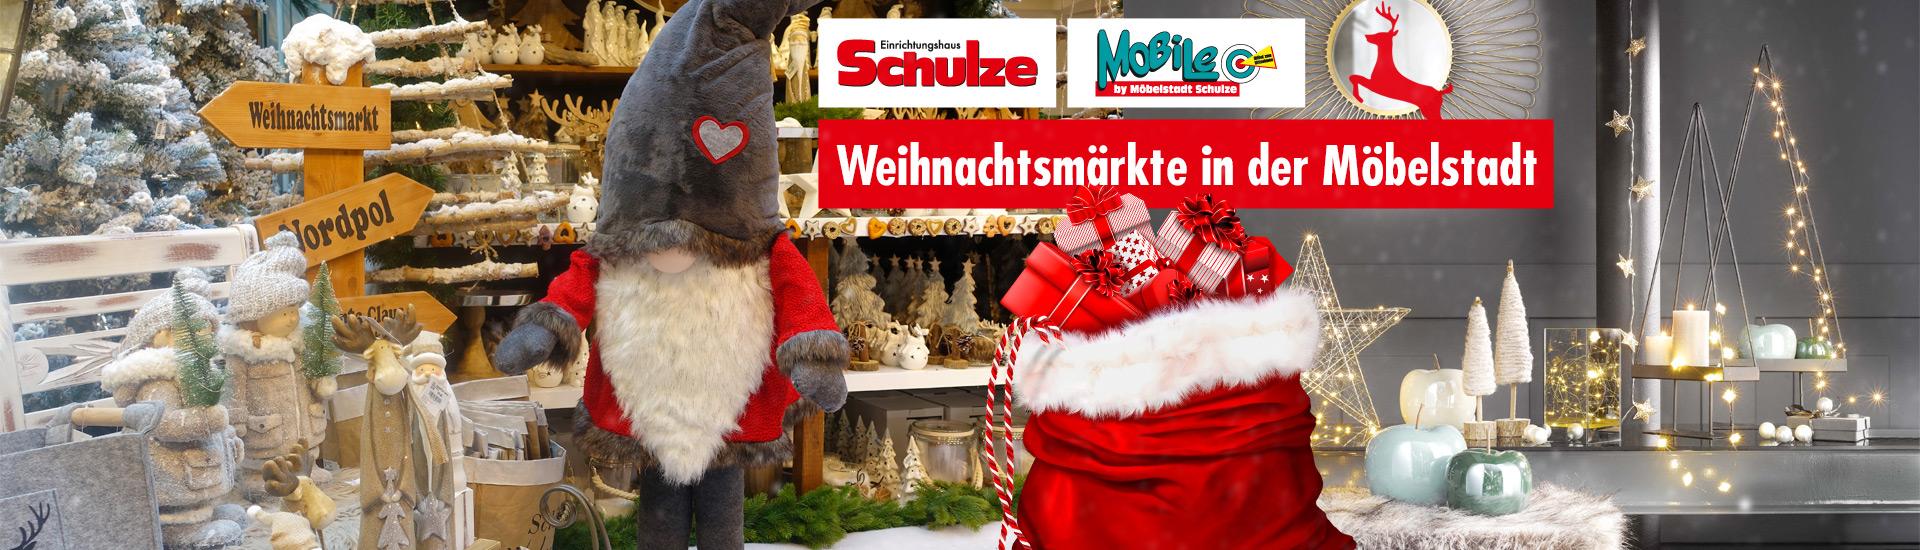 Eröffnung der Weihnachtsmärkte | Möbel Schulze